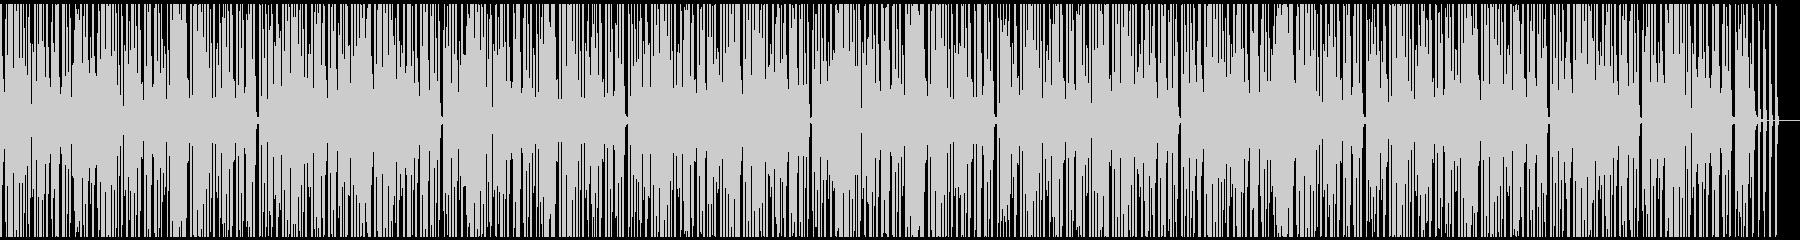 アナログシンセのシーケンスの未再生の波形